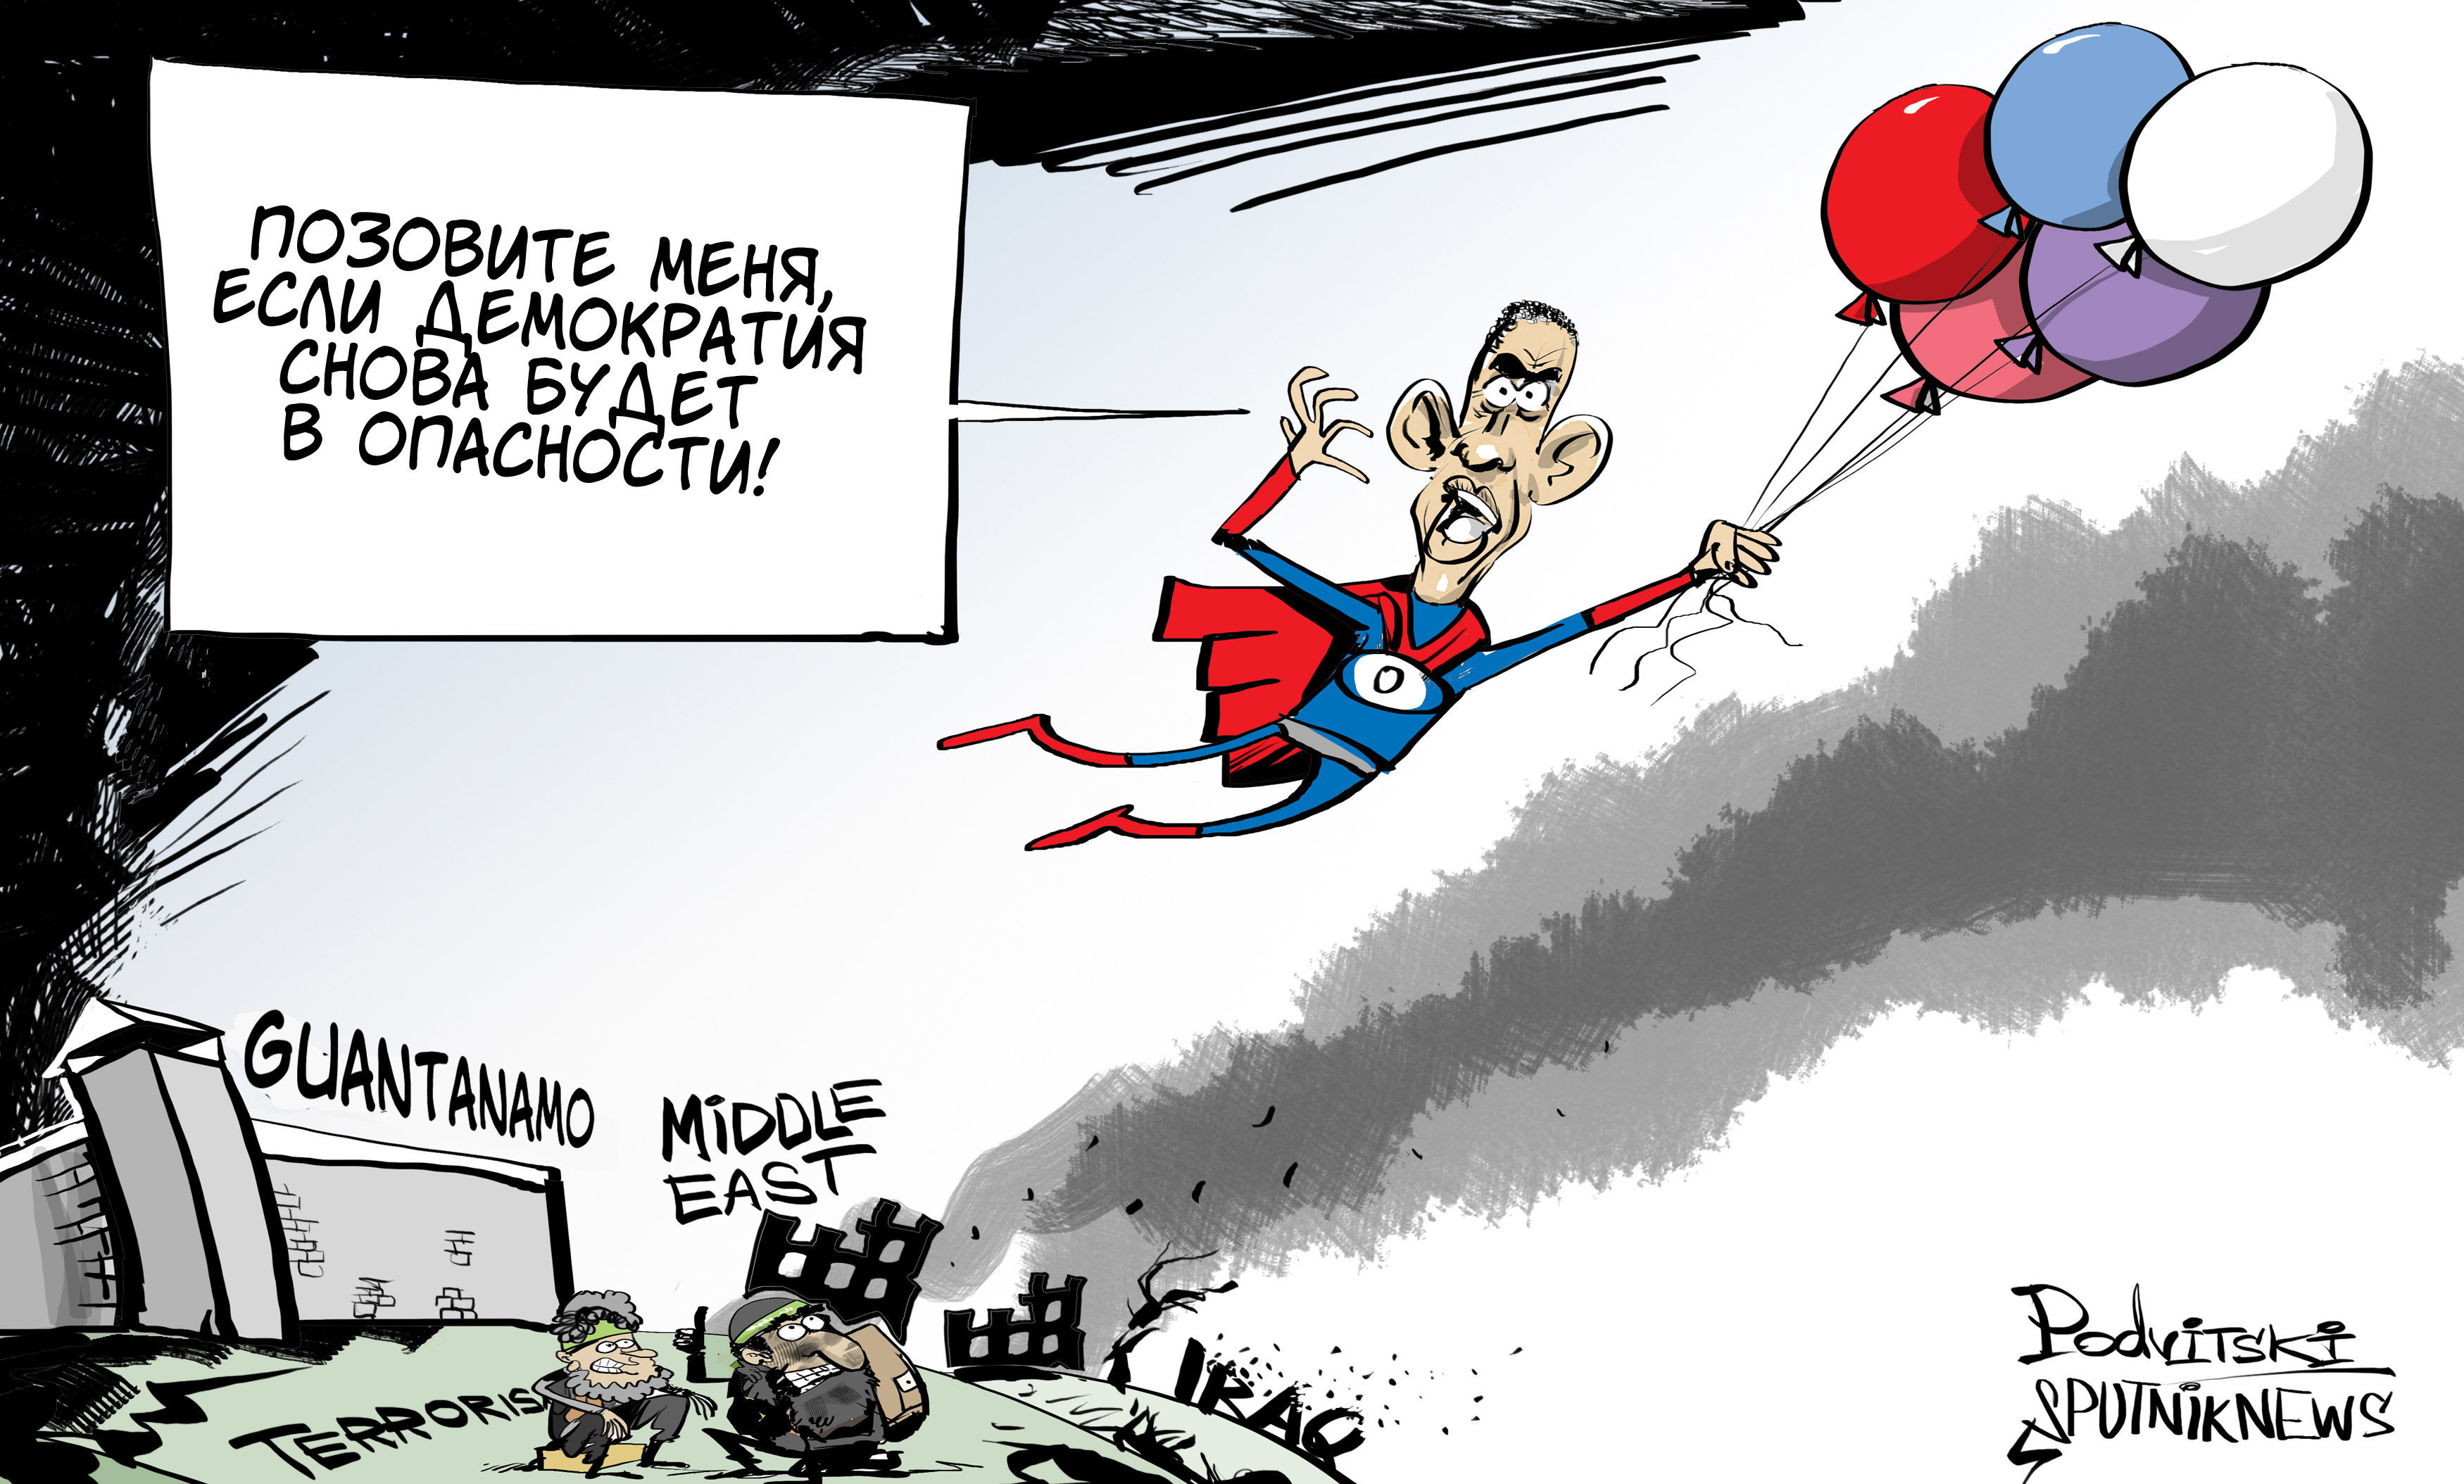 Супермен демократии